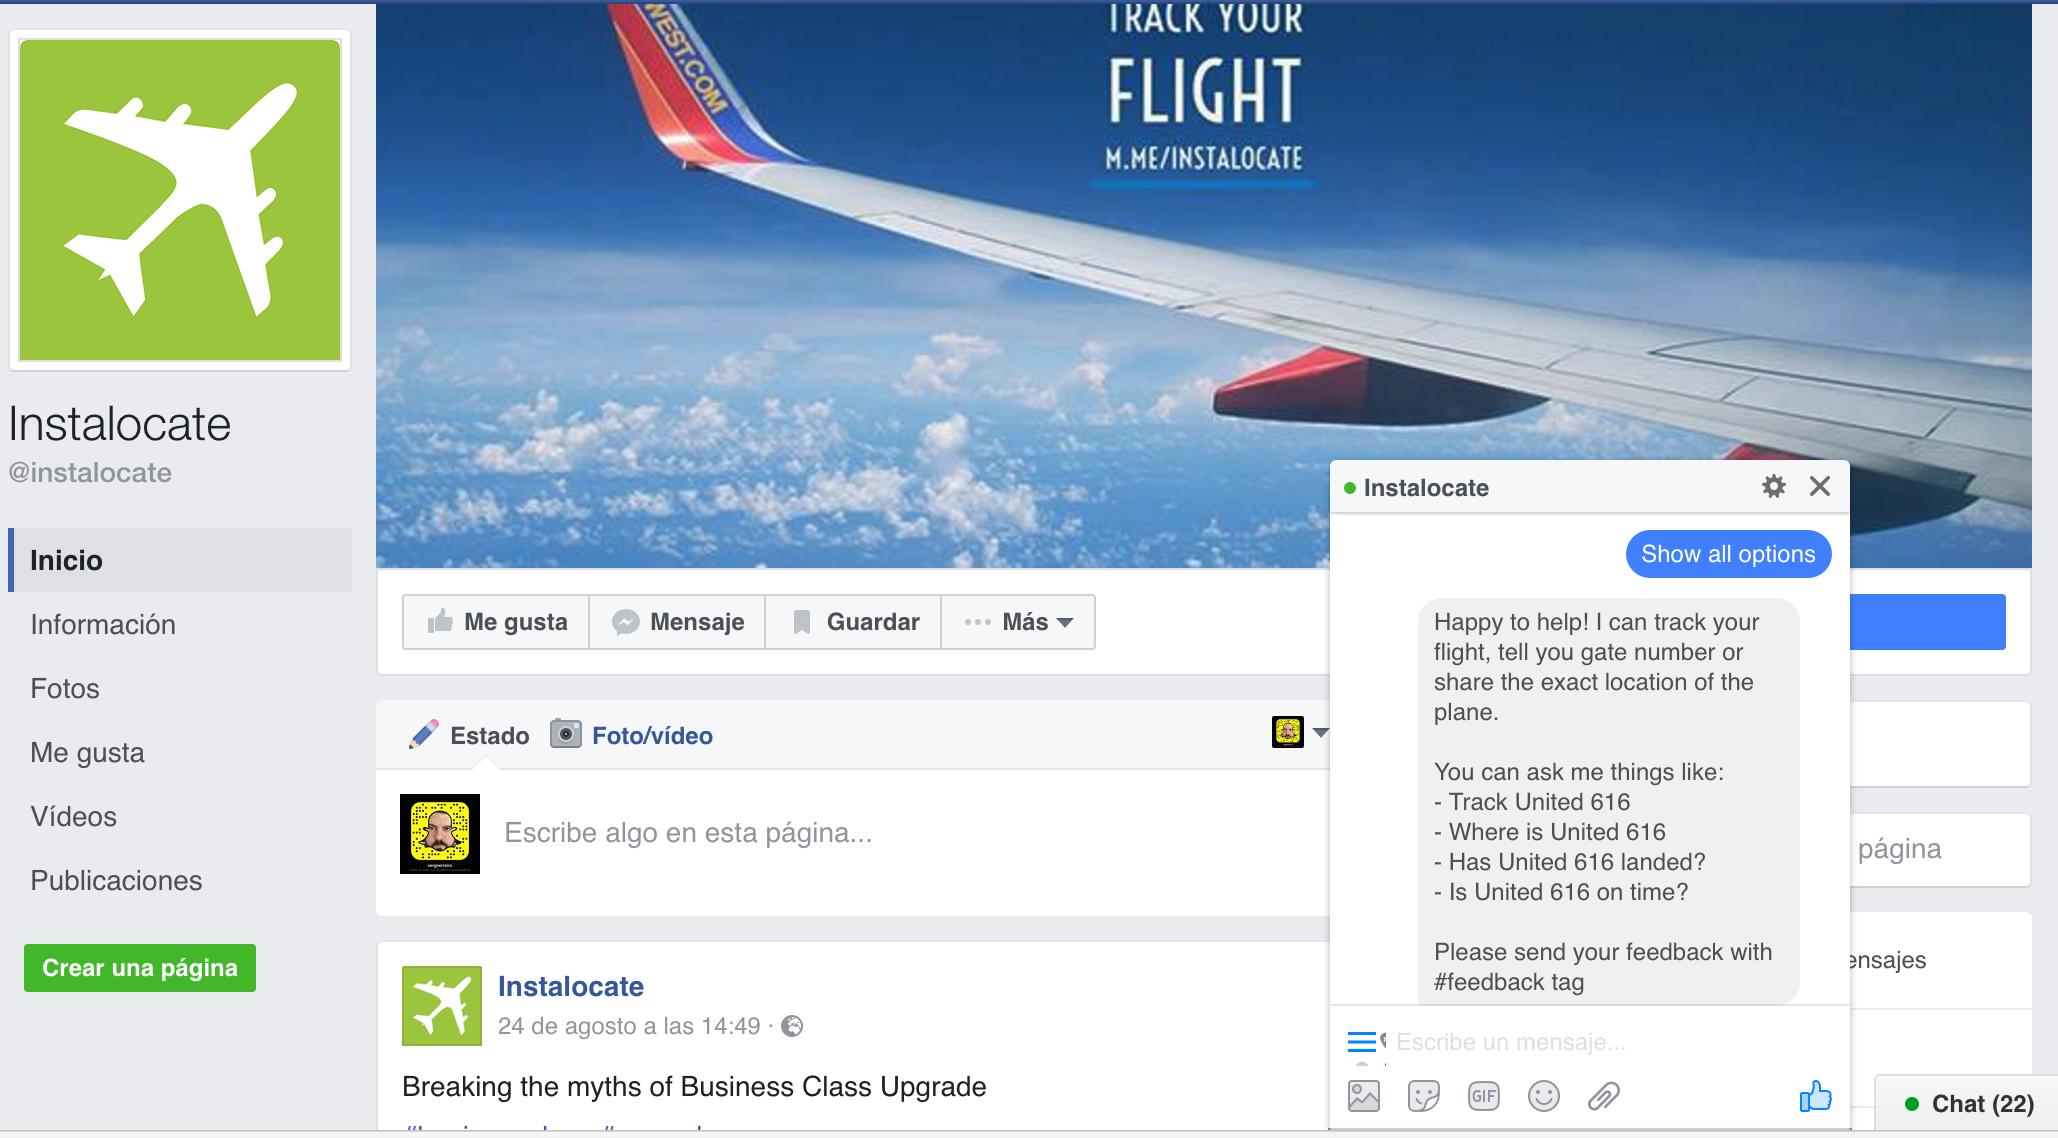 Así puedes ver la información de tu vuelo en Facebook Messenger